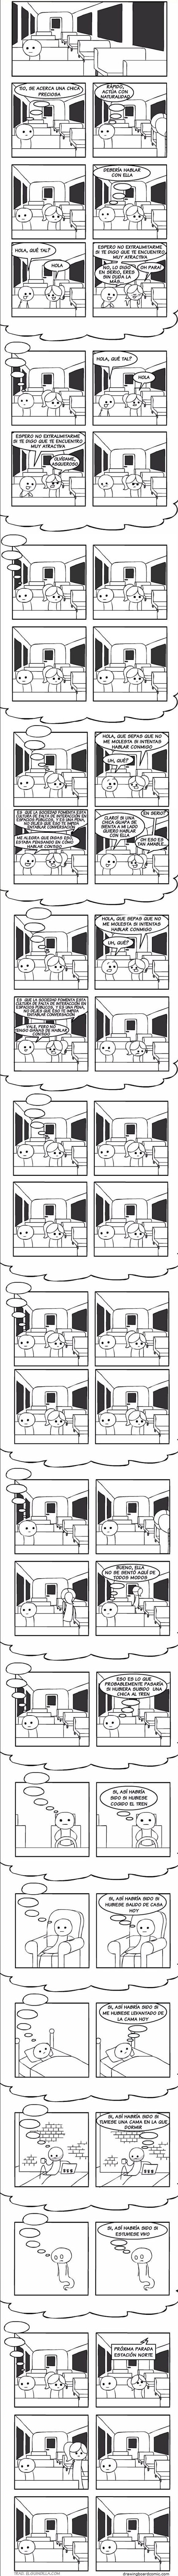 chico espera demasiado para hablar con chica en el tren